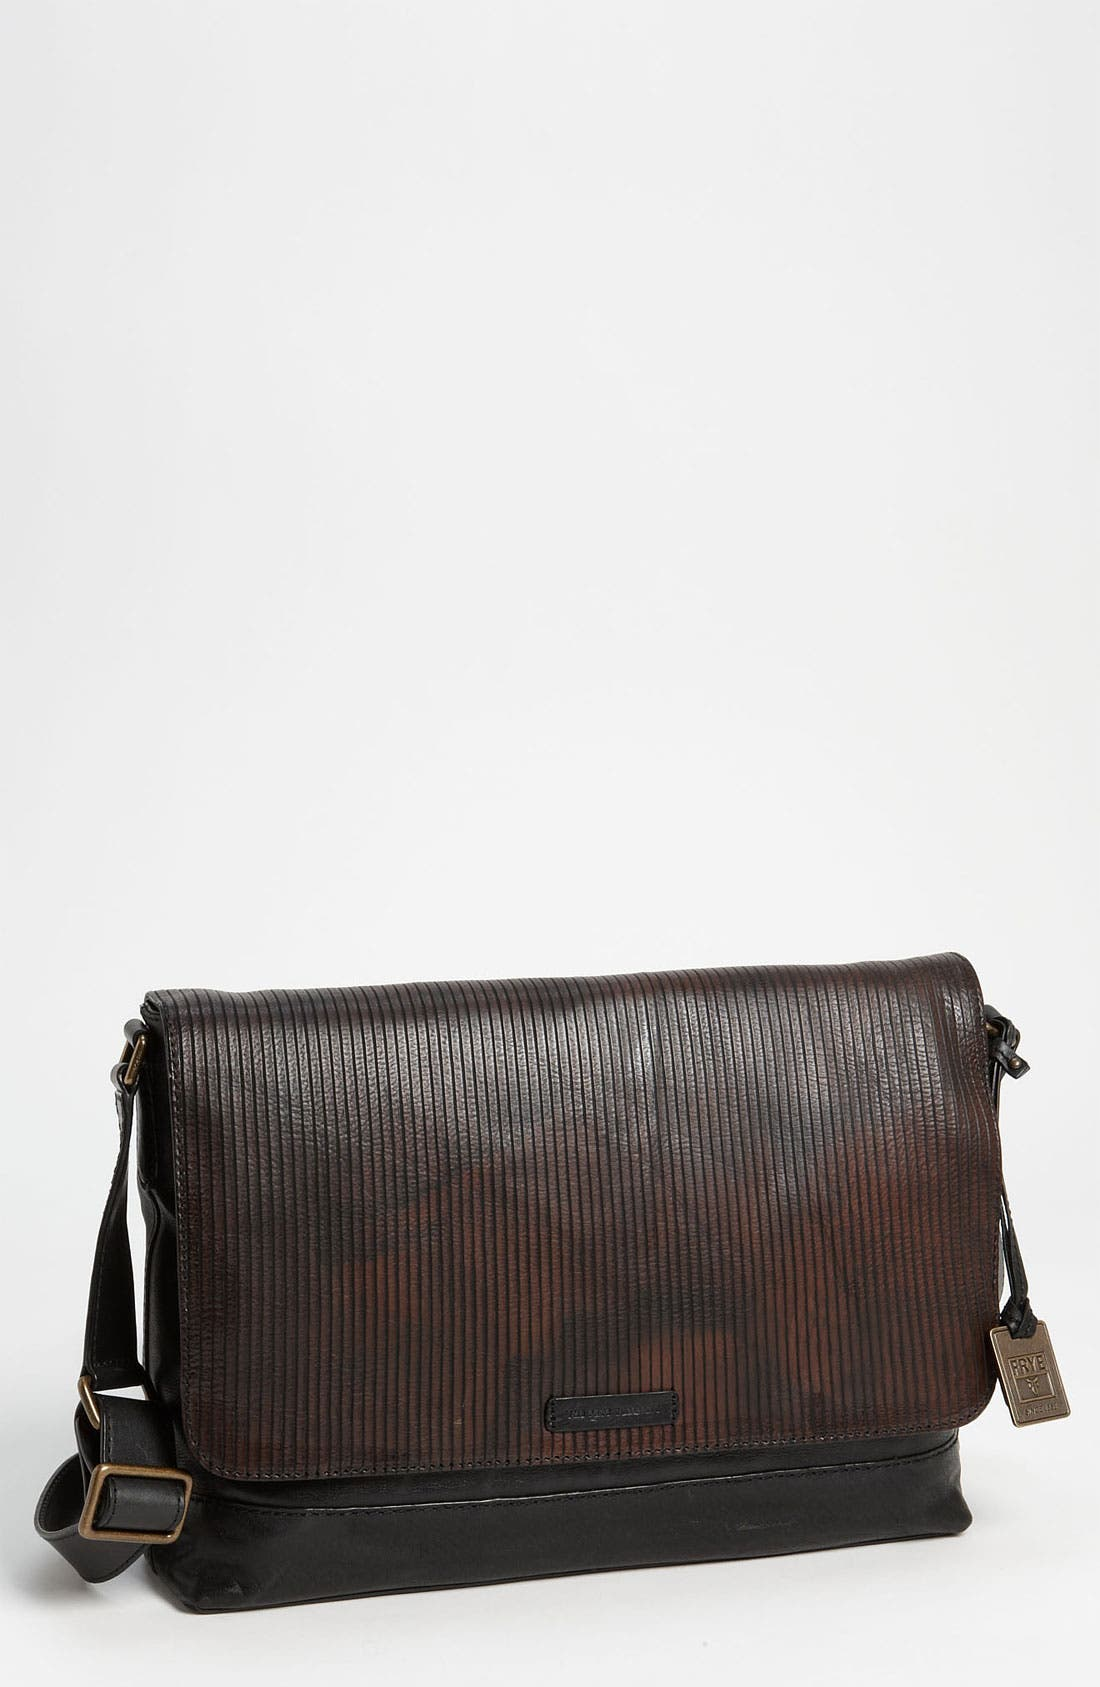 Main Image - Frye 'James' Leather Messenger Bag